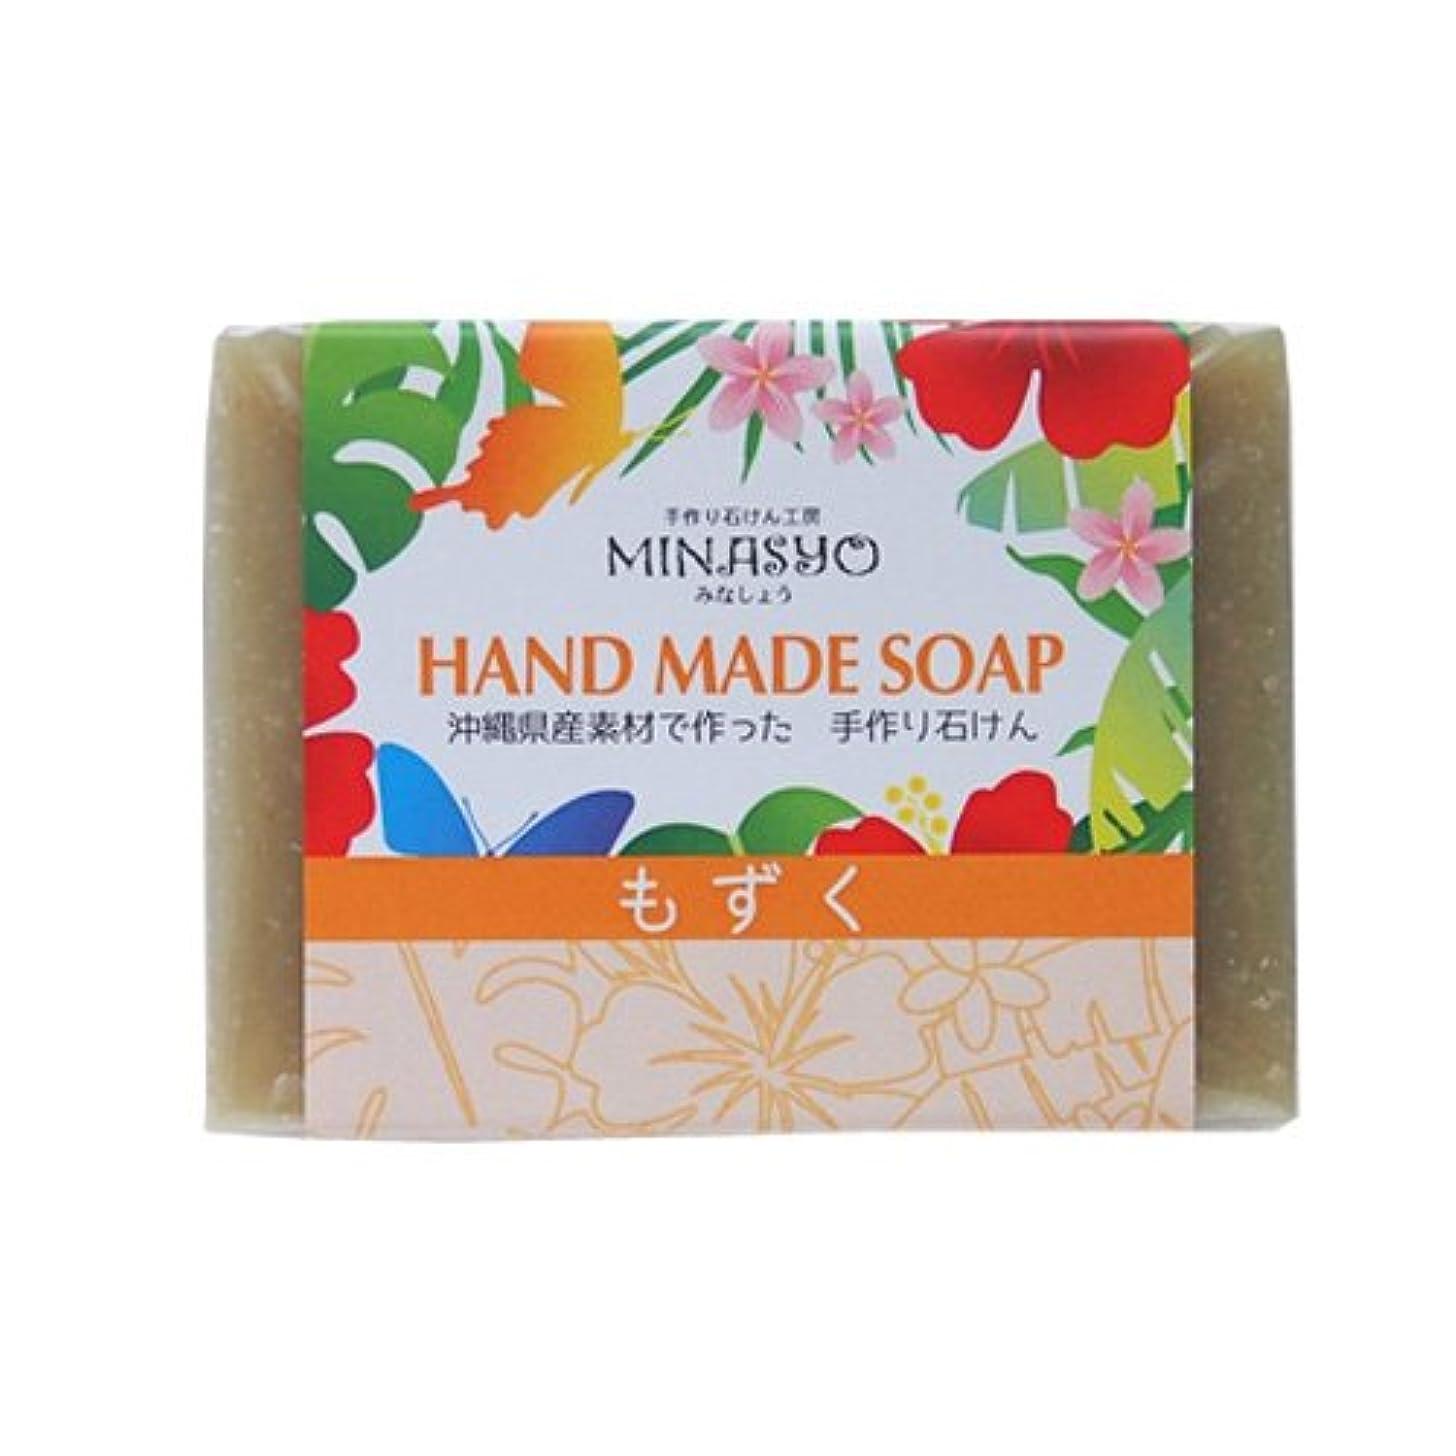 発見研究スリッパ洗顔石鹸 固形 無添加 保湿 敏感肌 乾燥肌 手作りもずく石鹸